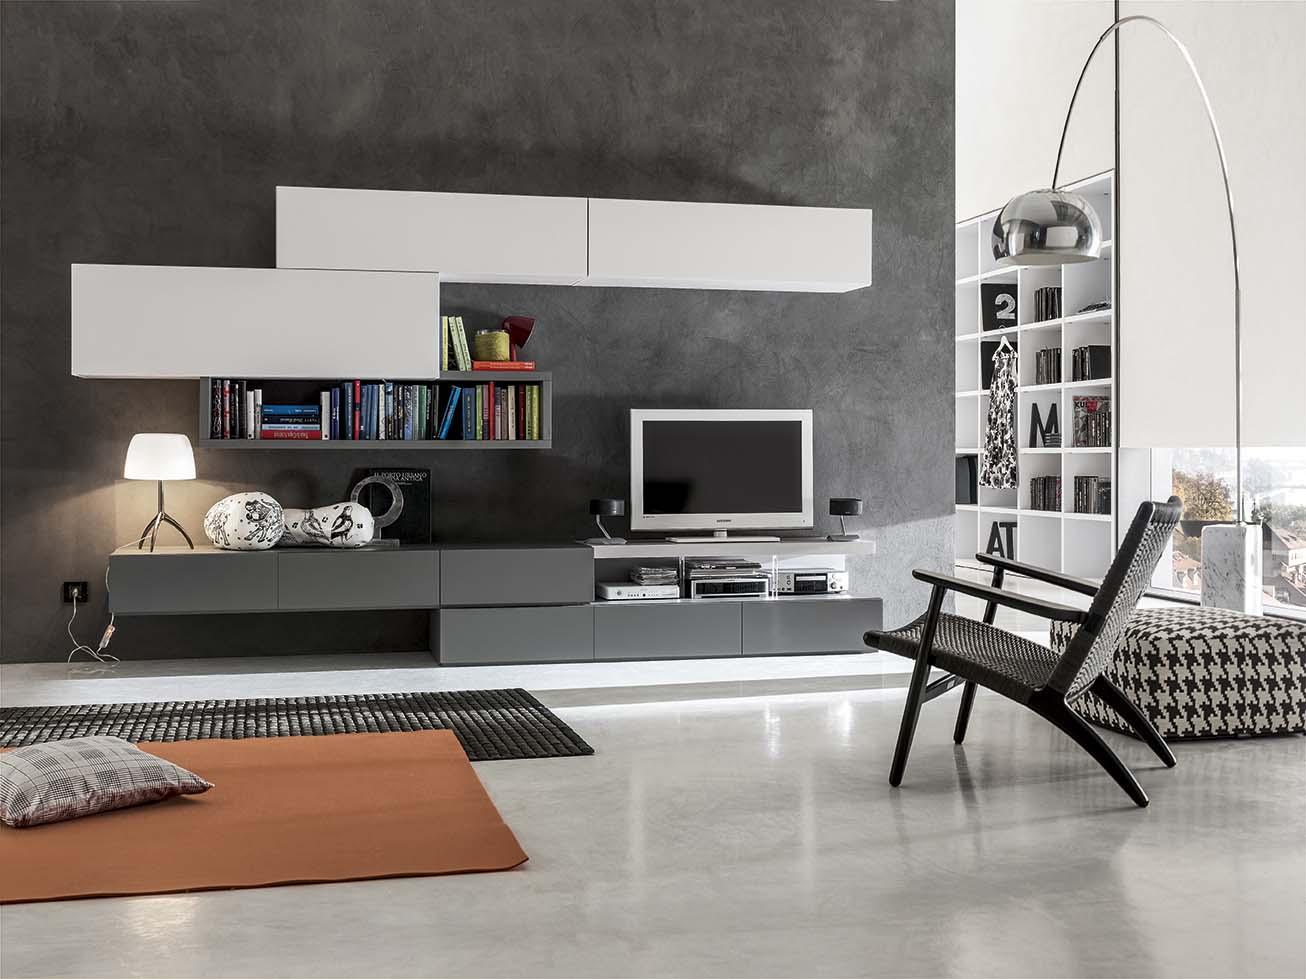 Soggiorni moderni arredare in uzzano soluzioni arredamento for Mobili moderni per soggiorno